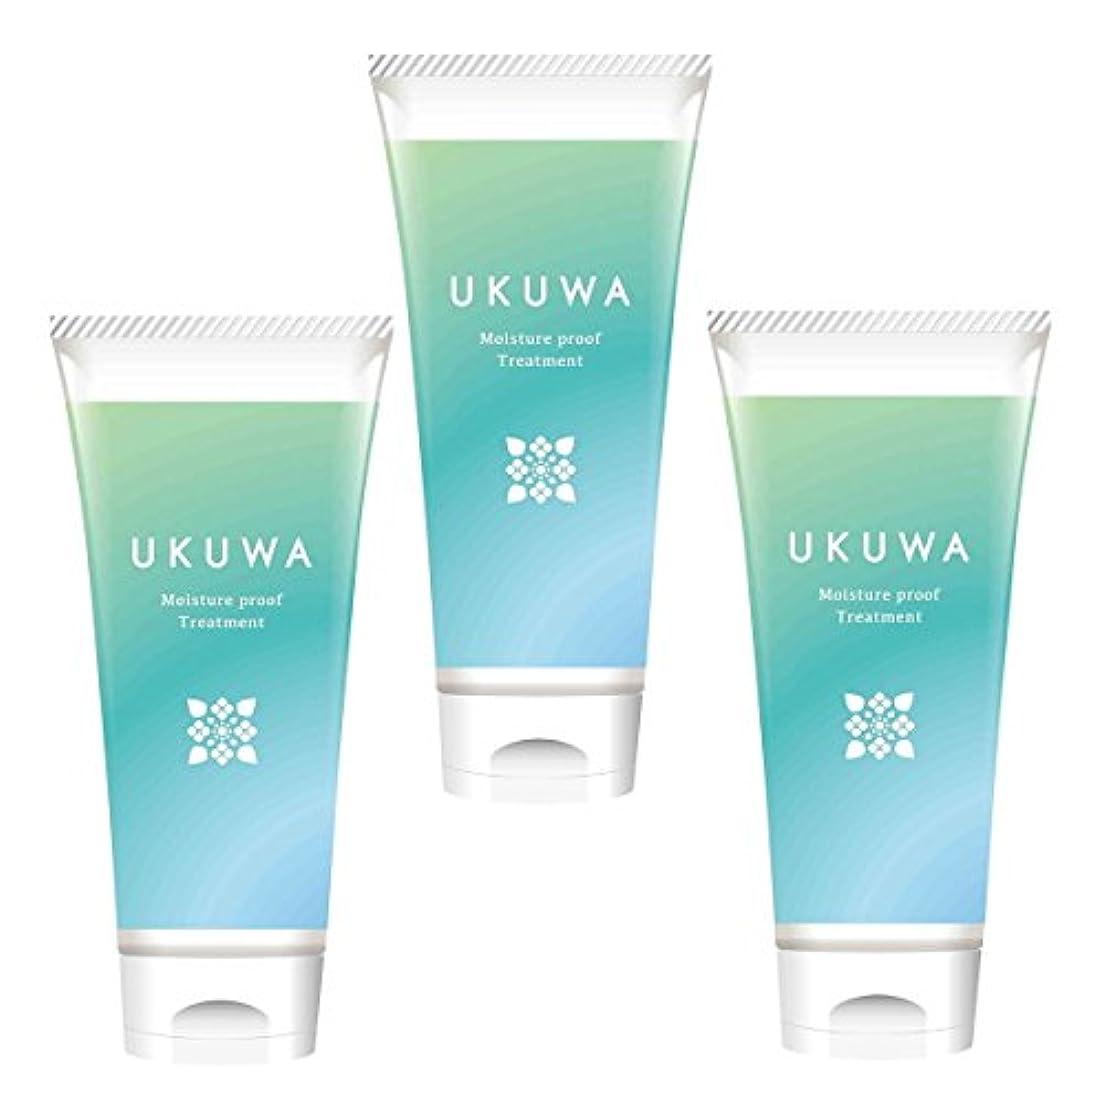 デッキ流すメタリックディアテック UKUWA(ウクワ)(雨花)モイスチャー プルーフ トリートメント 100g×3本セット